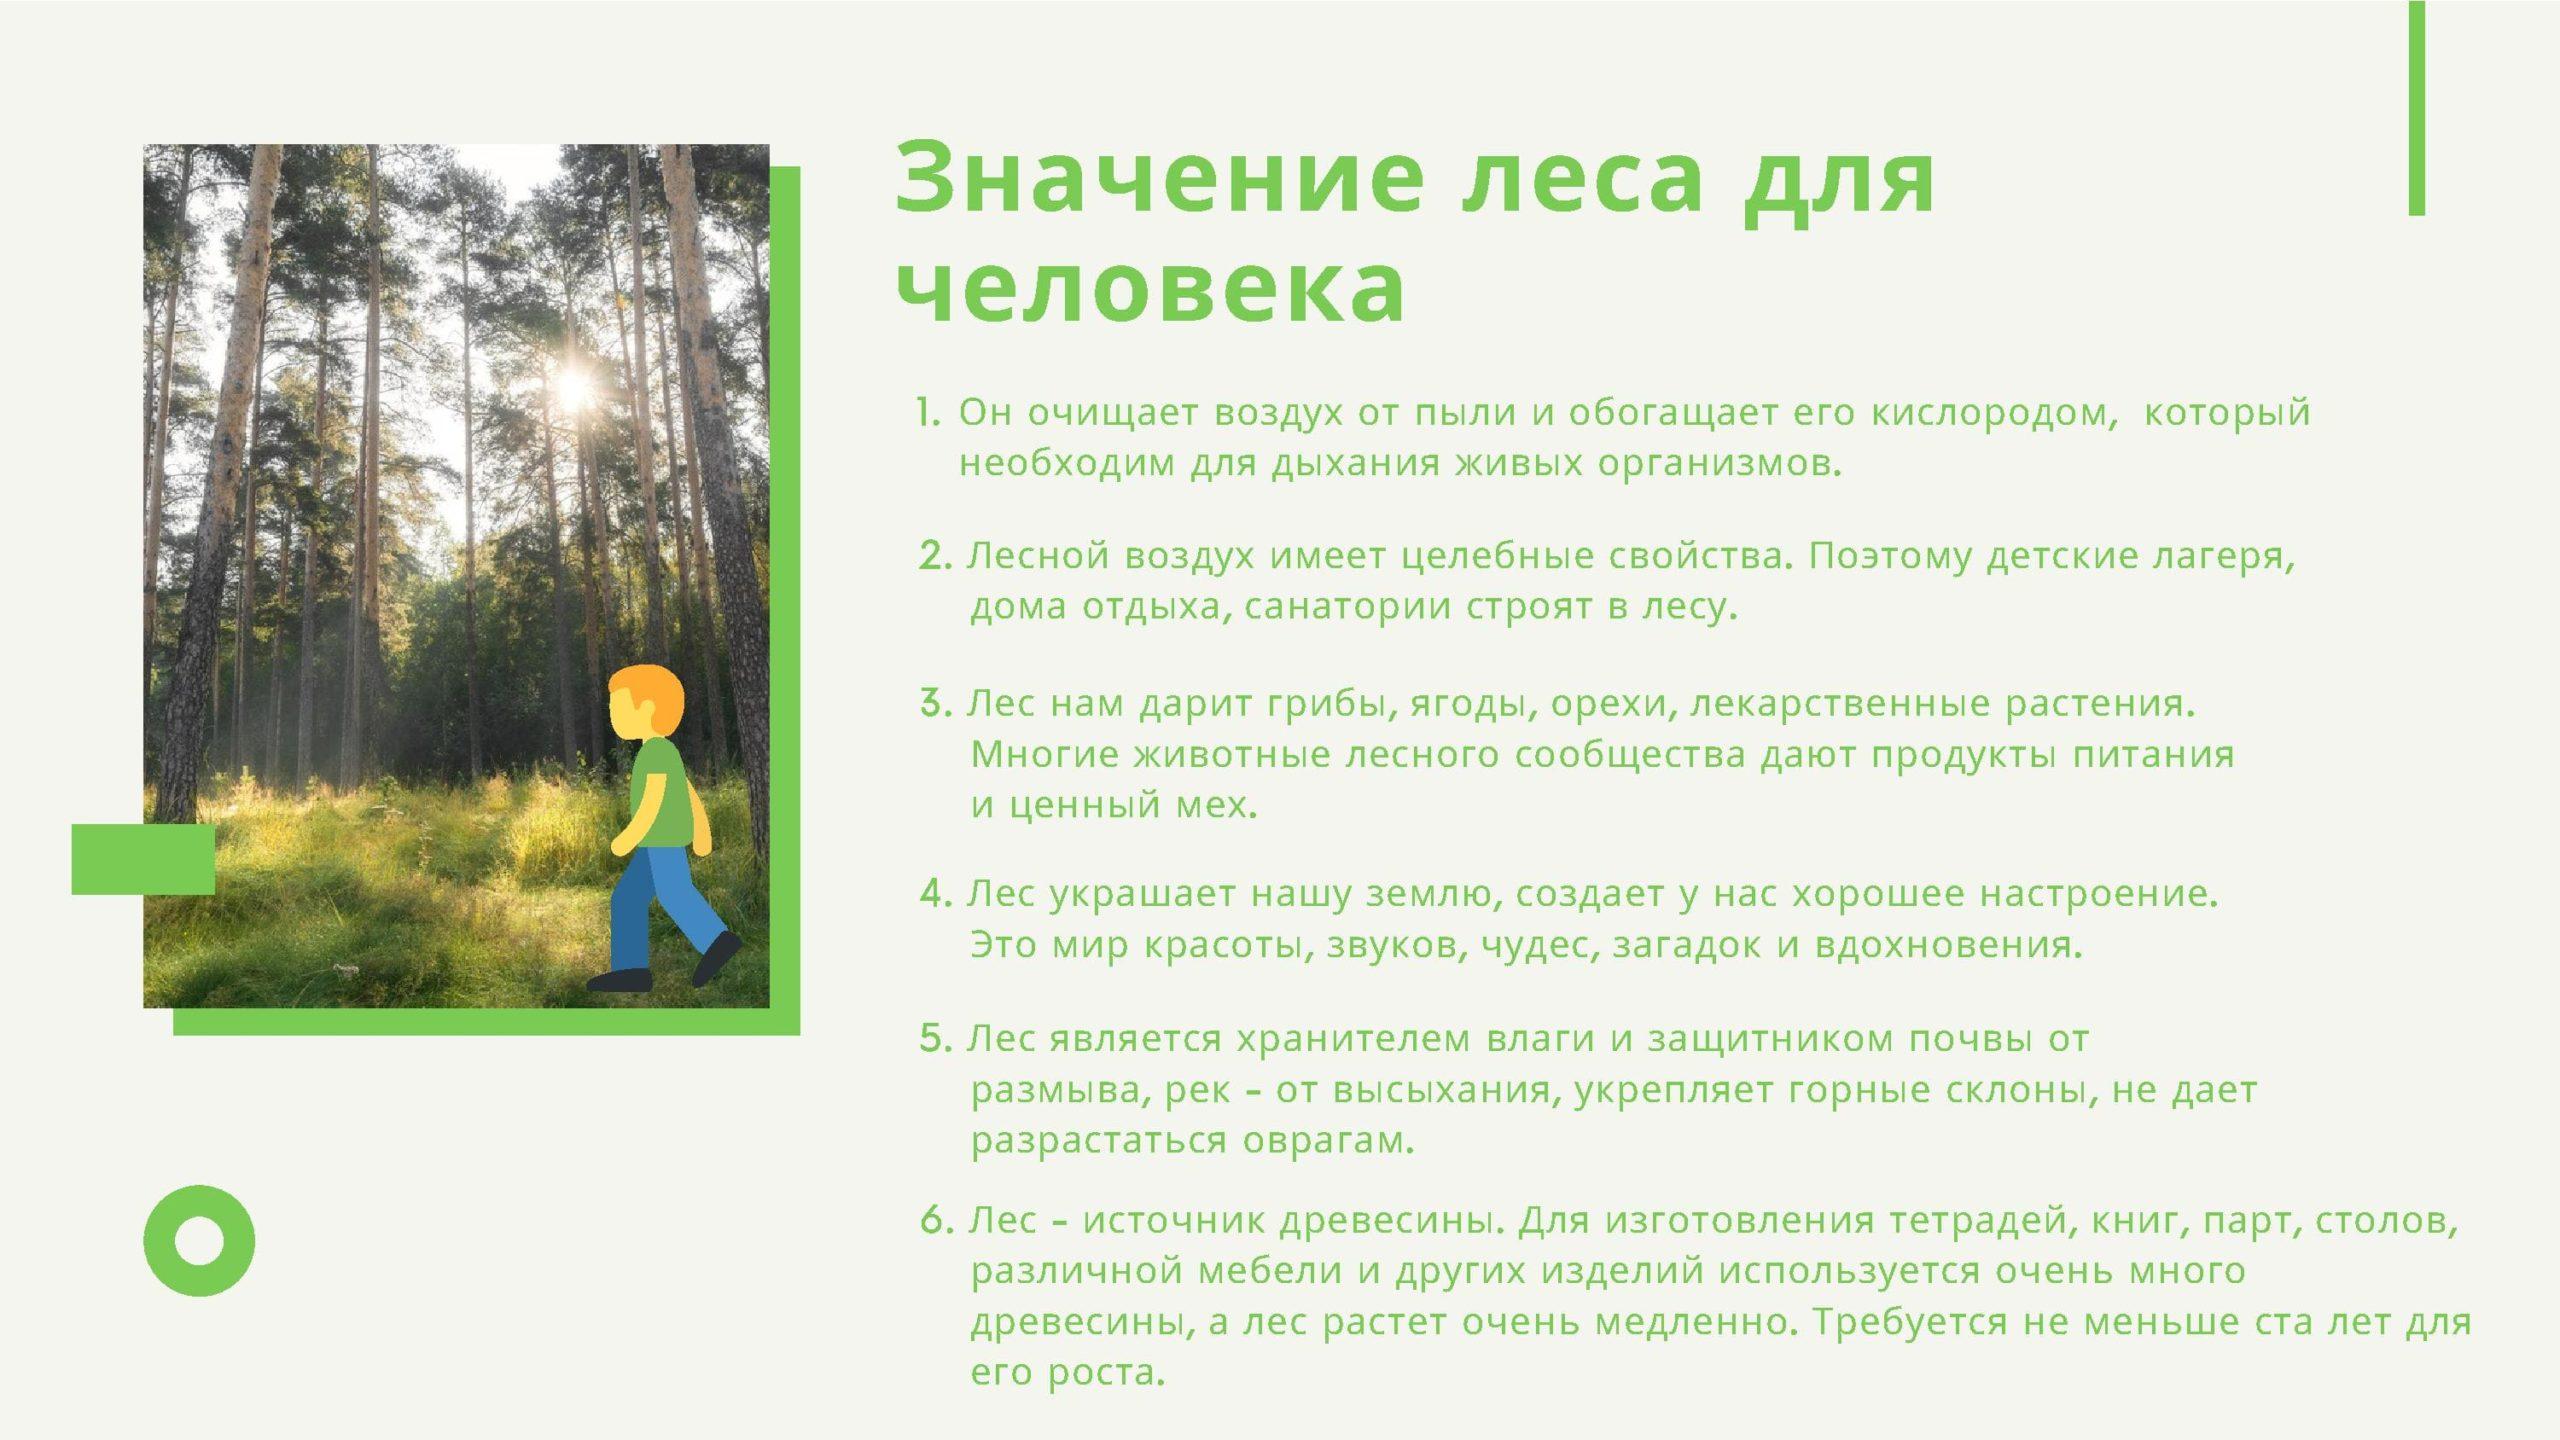 Значение леса для человека